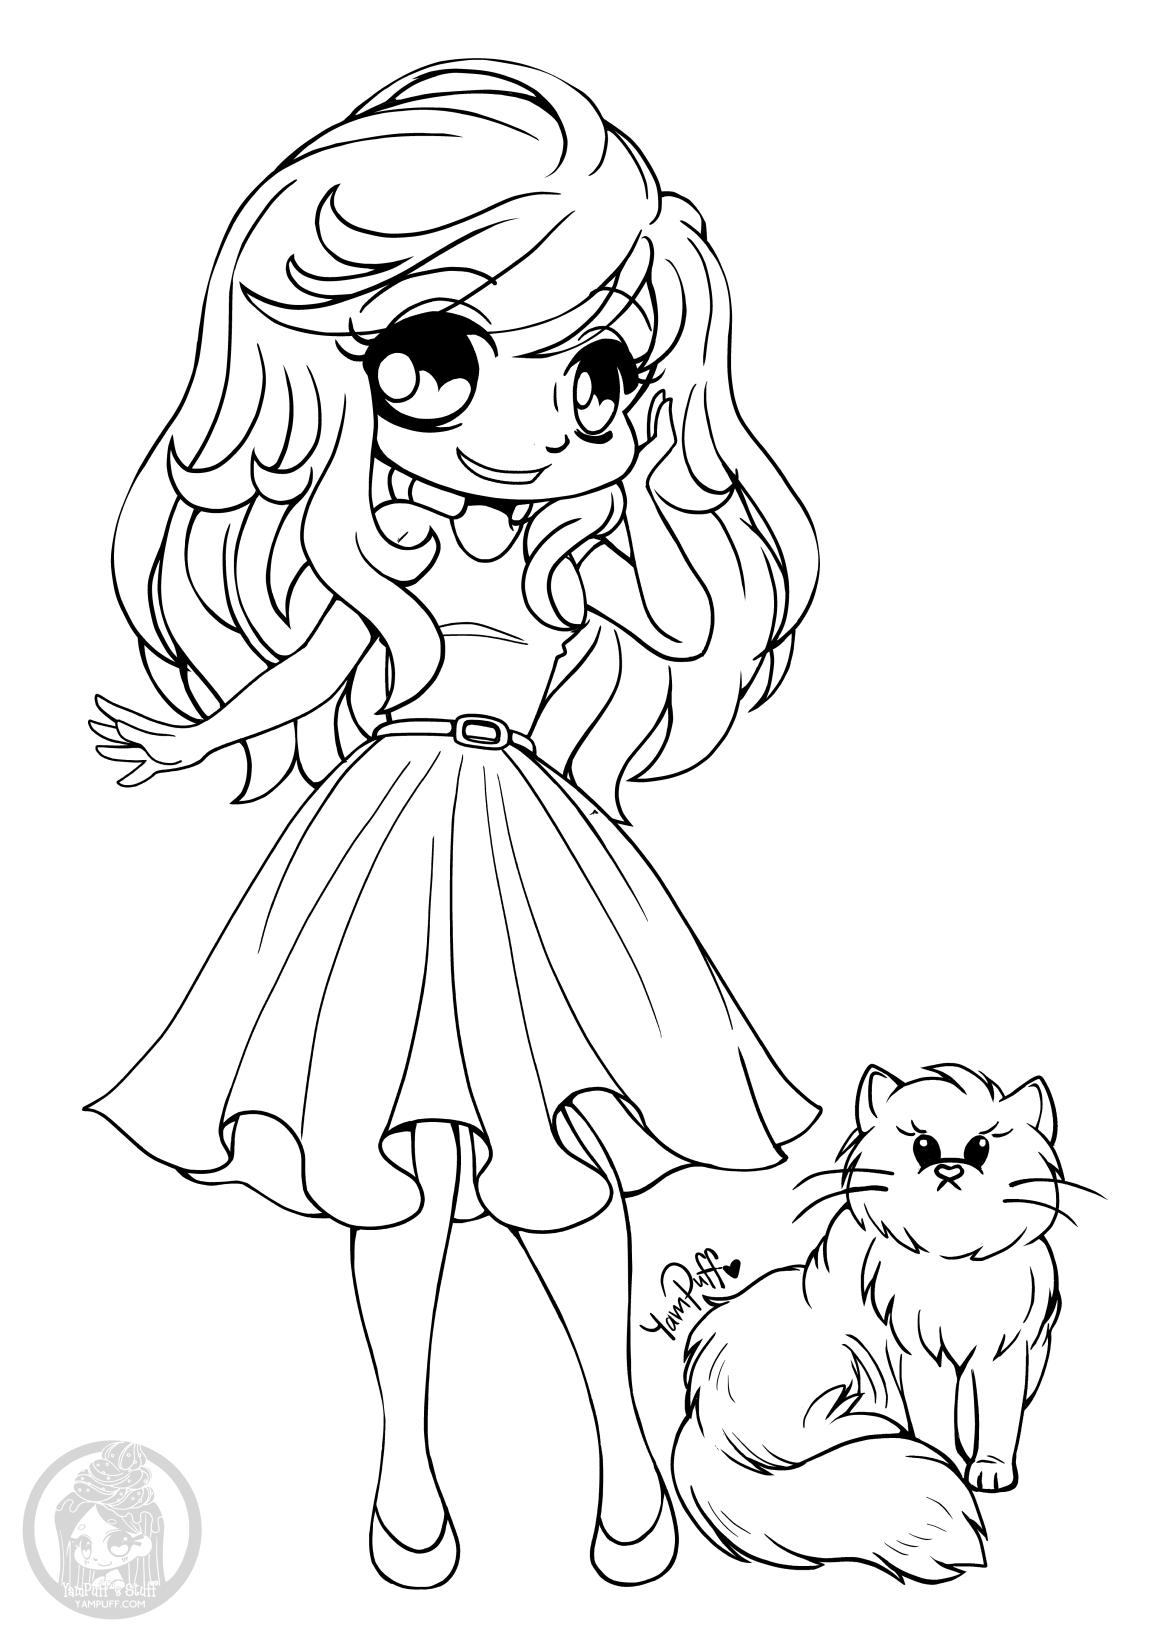 Image manga fille pour colorier chibi par YamPuff